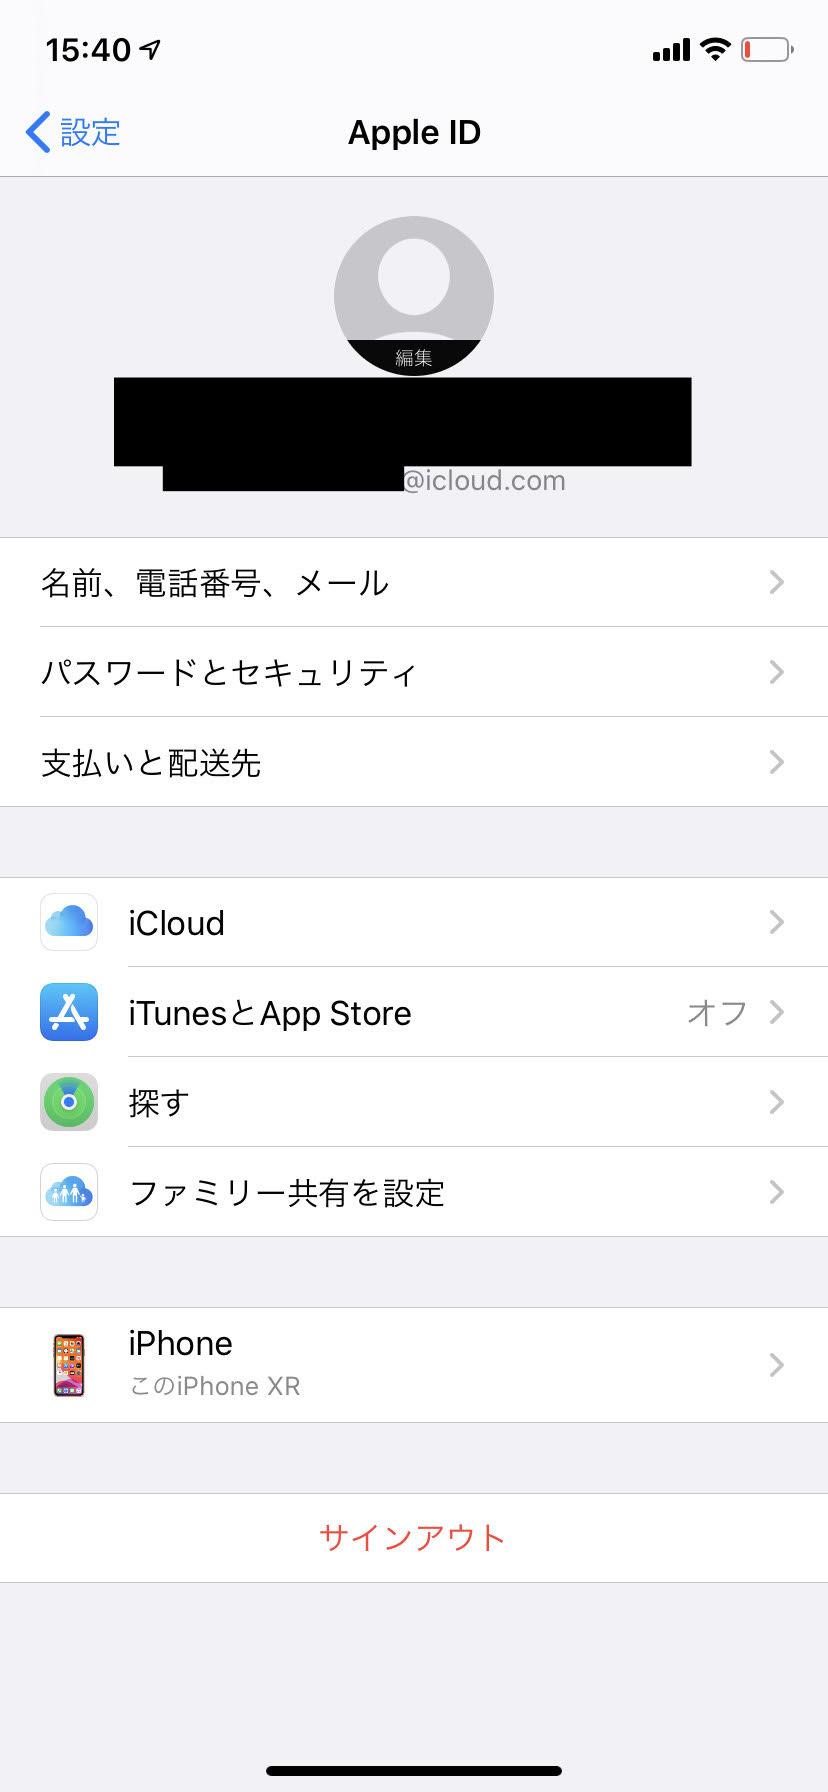 Icloud アドレス 変更 Apple ID を変更する - Apple サポート